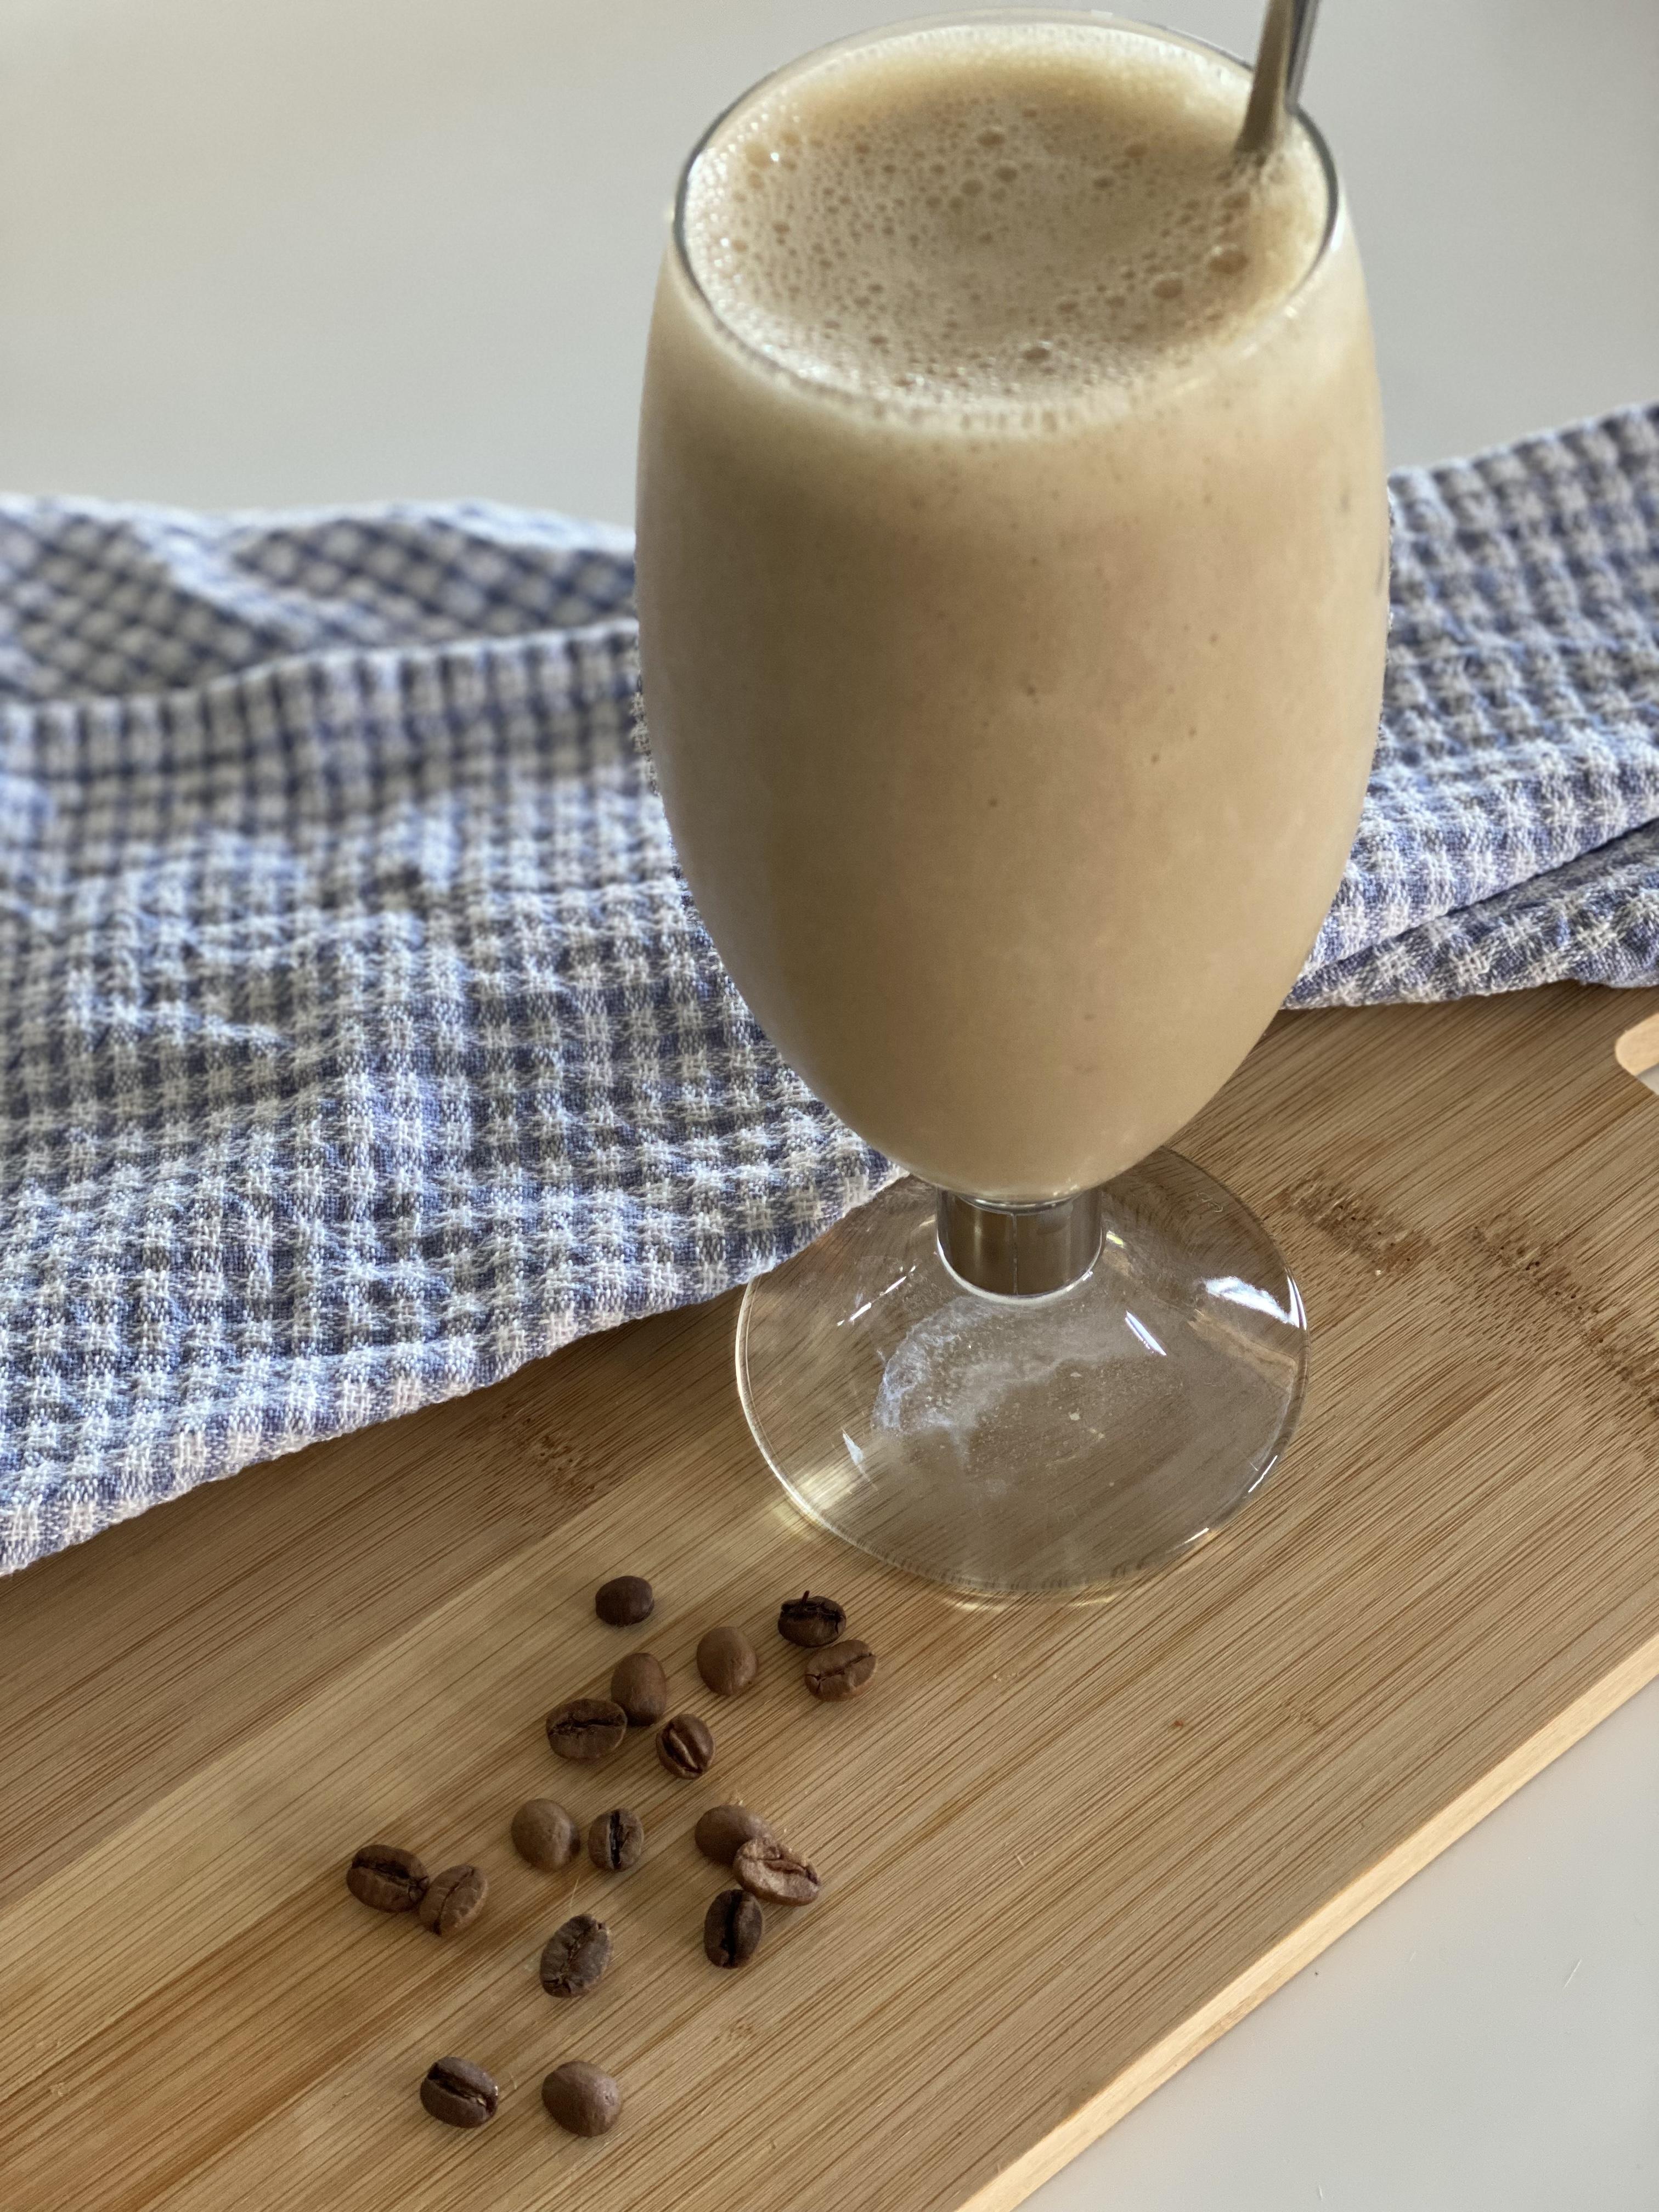 Cafe Latte Shake - Herbalife